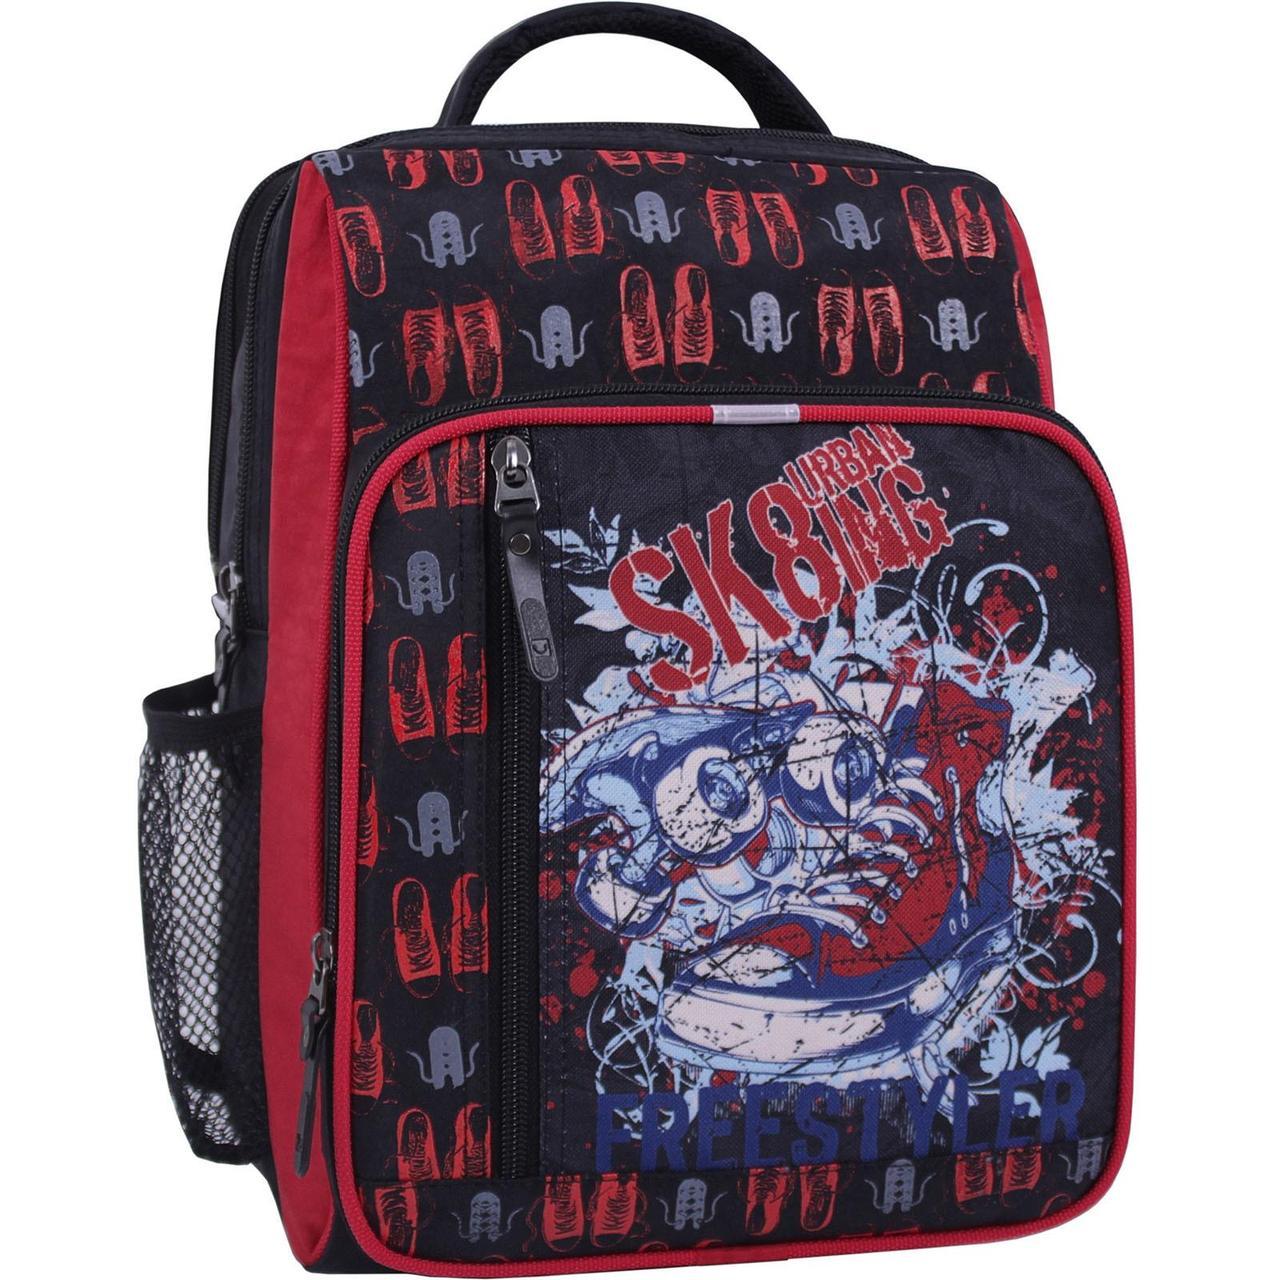 Рюкзак школьный Bagland Школьник 8 л. черный 609 (0012870)